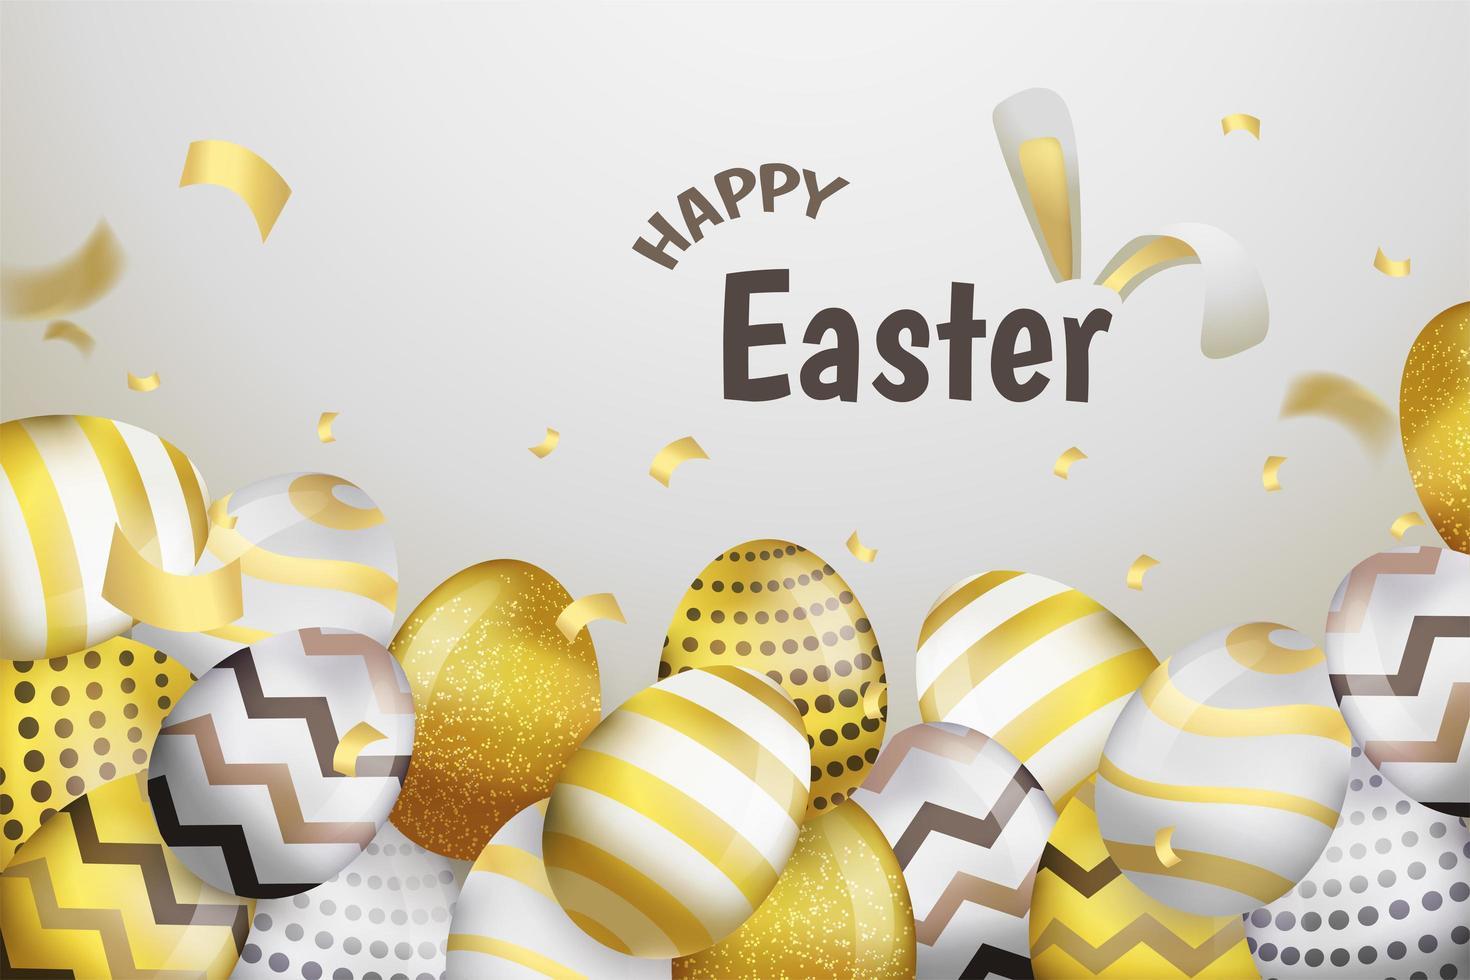 Joyeux Pâques fond d'oeufs d'or et d'argent vecteur